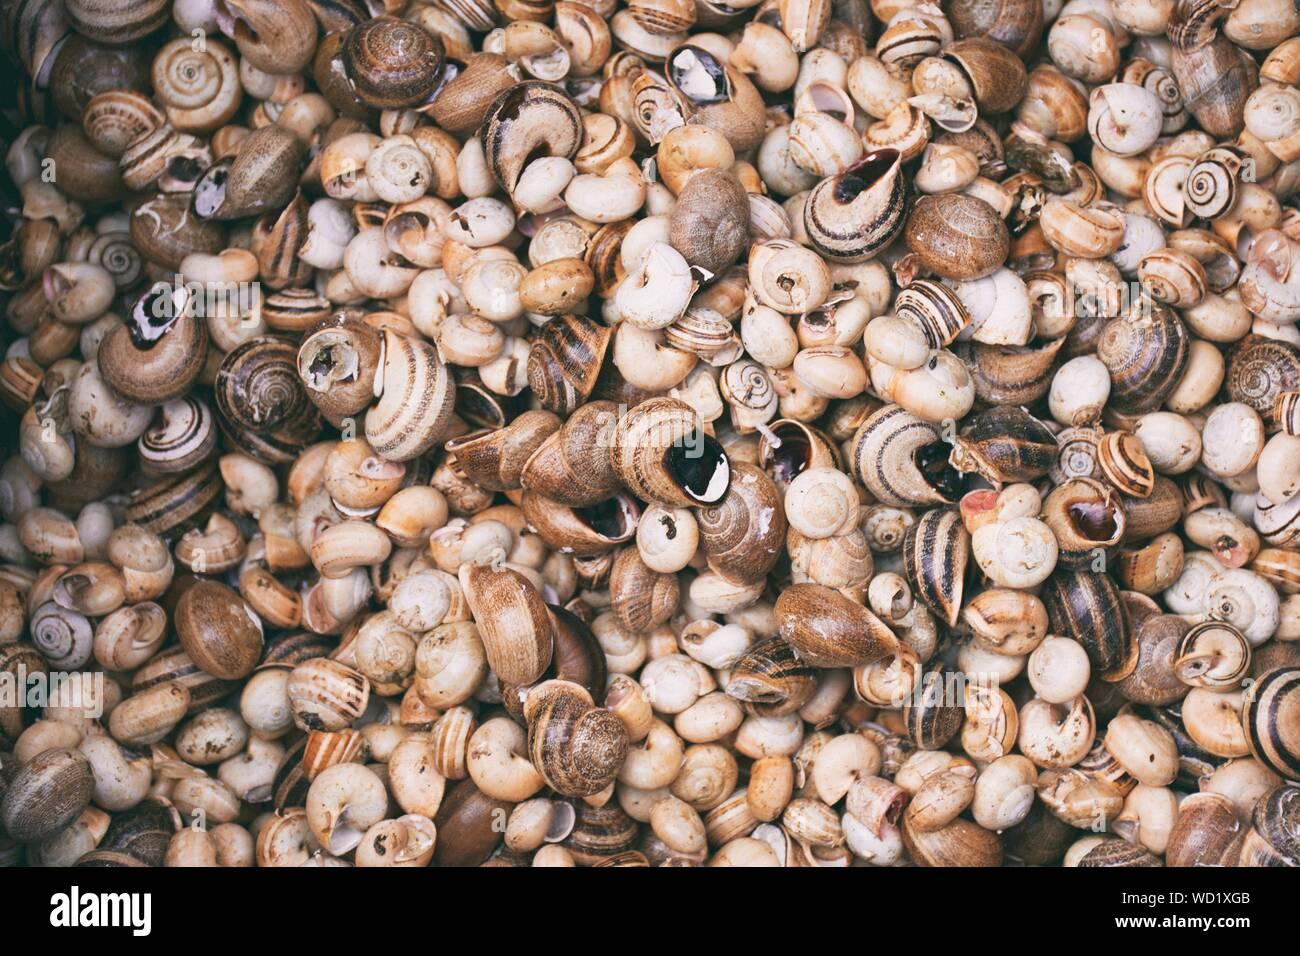 Full Frame Shot Of Seashells Stock Photo